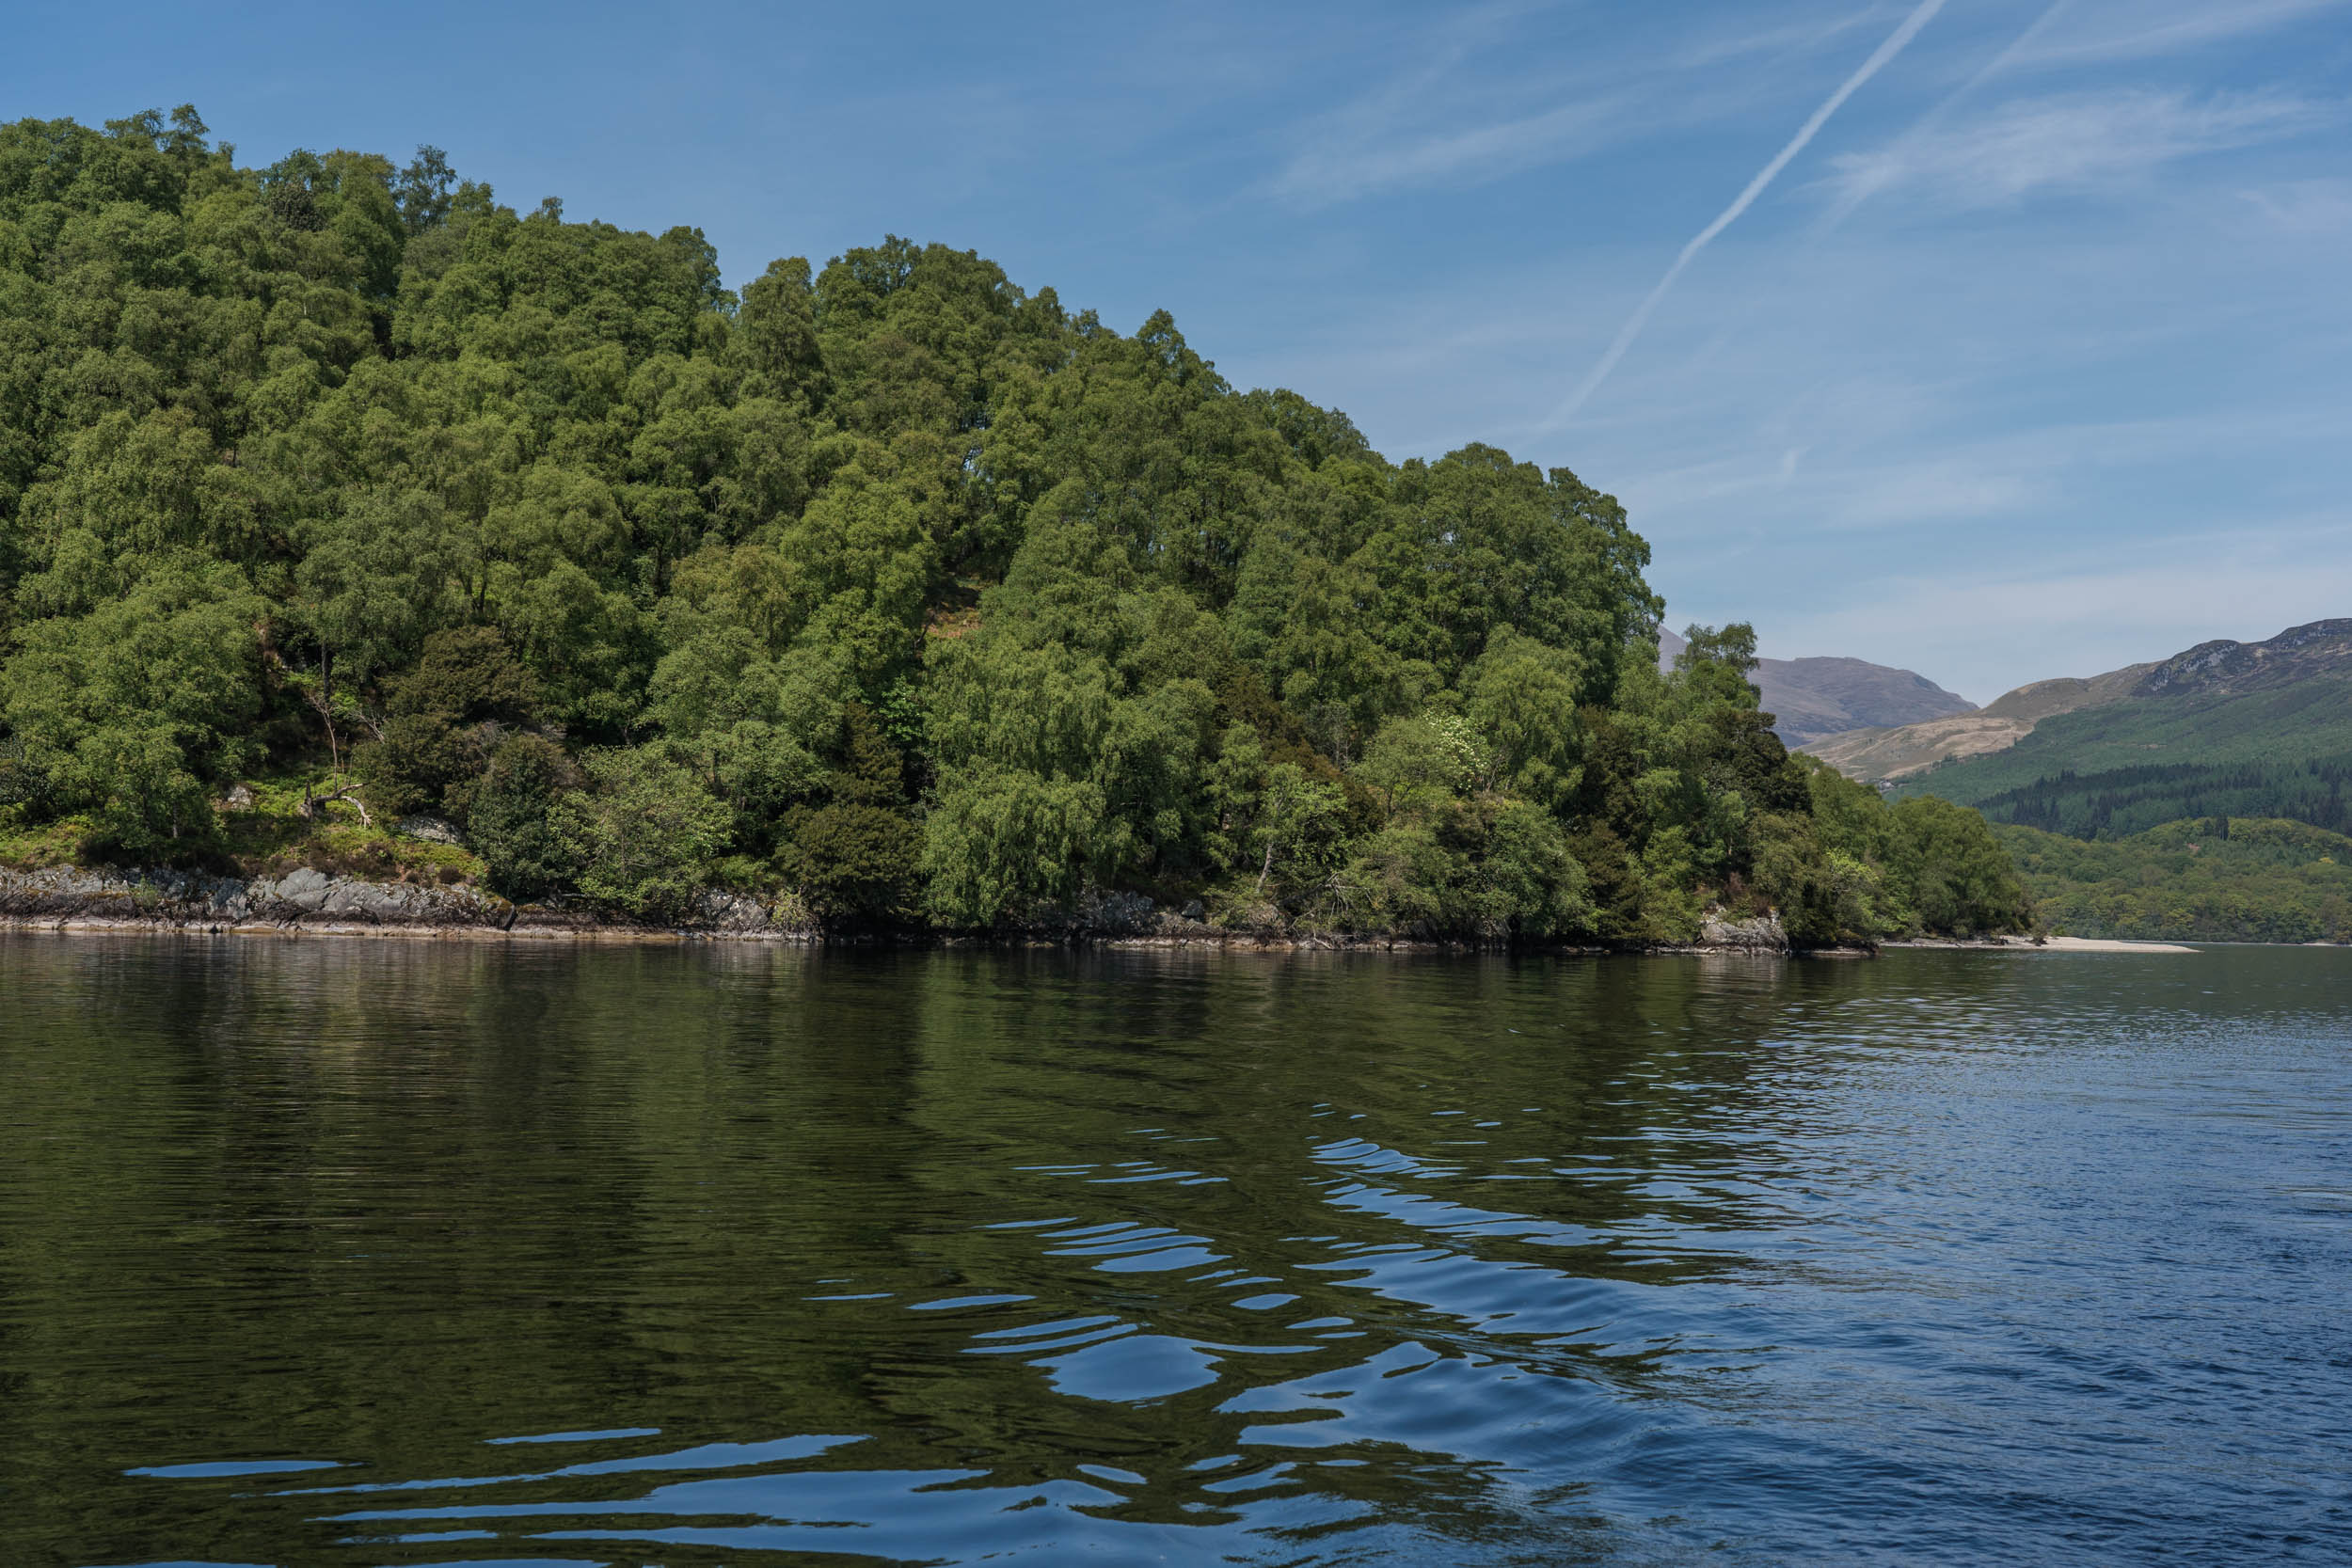 Inchloanaig Island, Loch Lomond